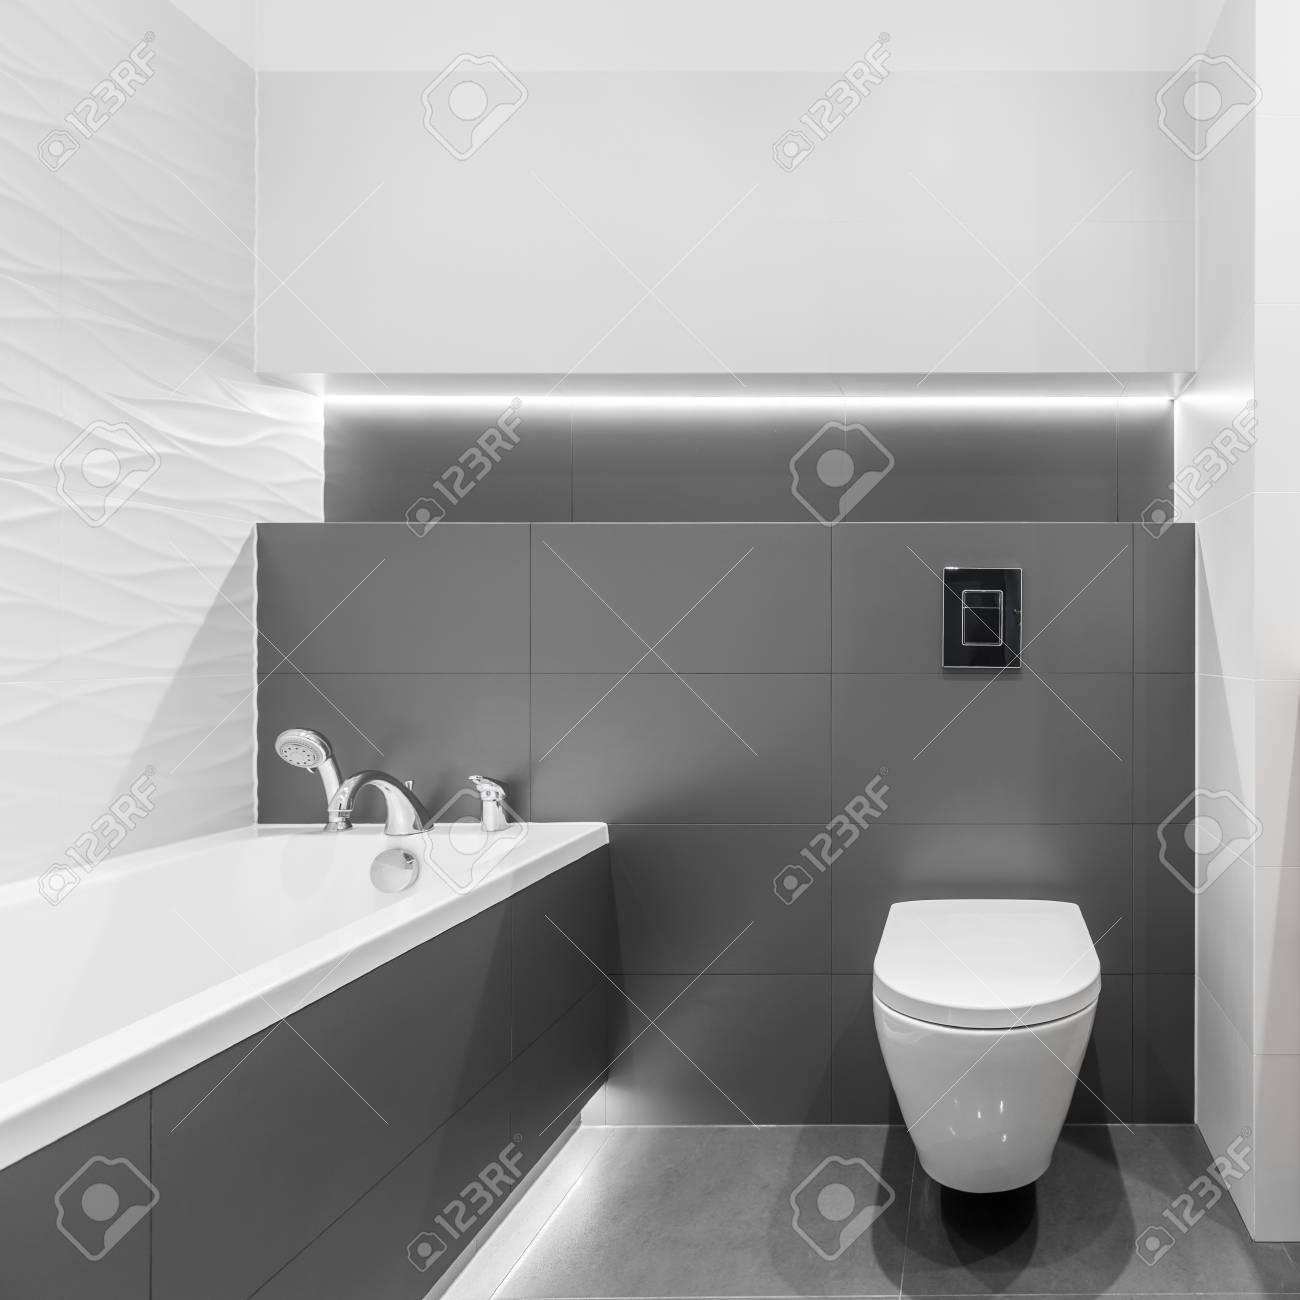 salle de bain grise et blanche avec carrelage texture toilettes et baignoire banque d images et photos libres de droits image 94219314